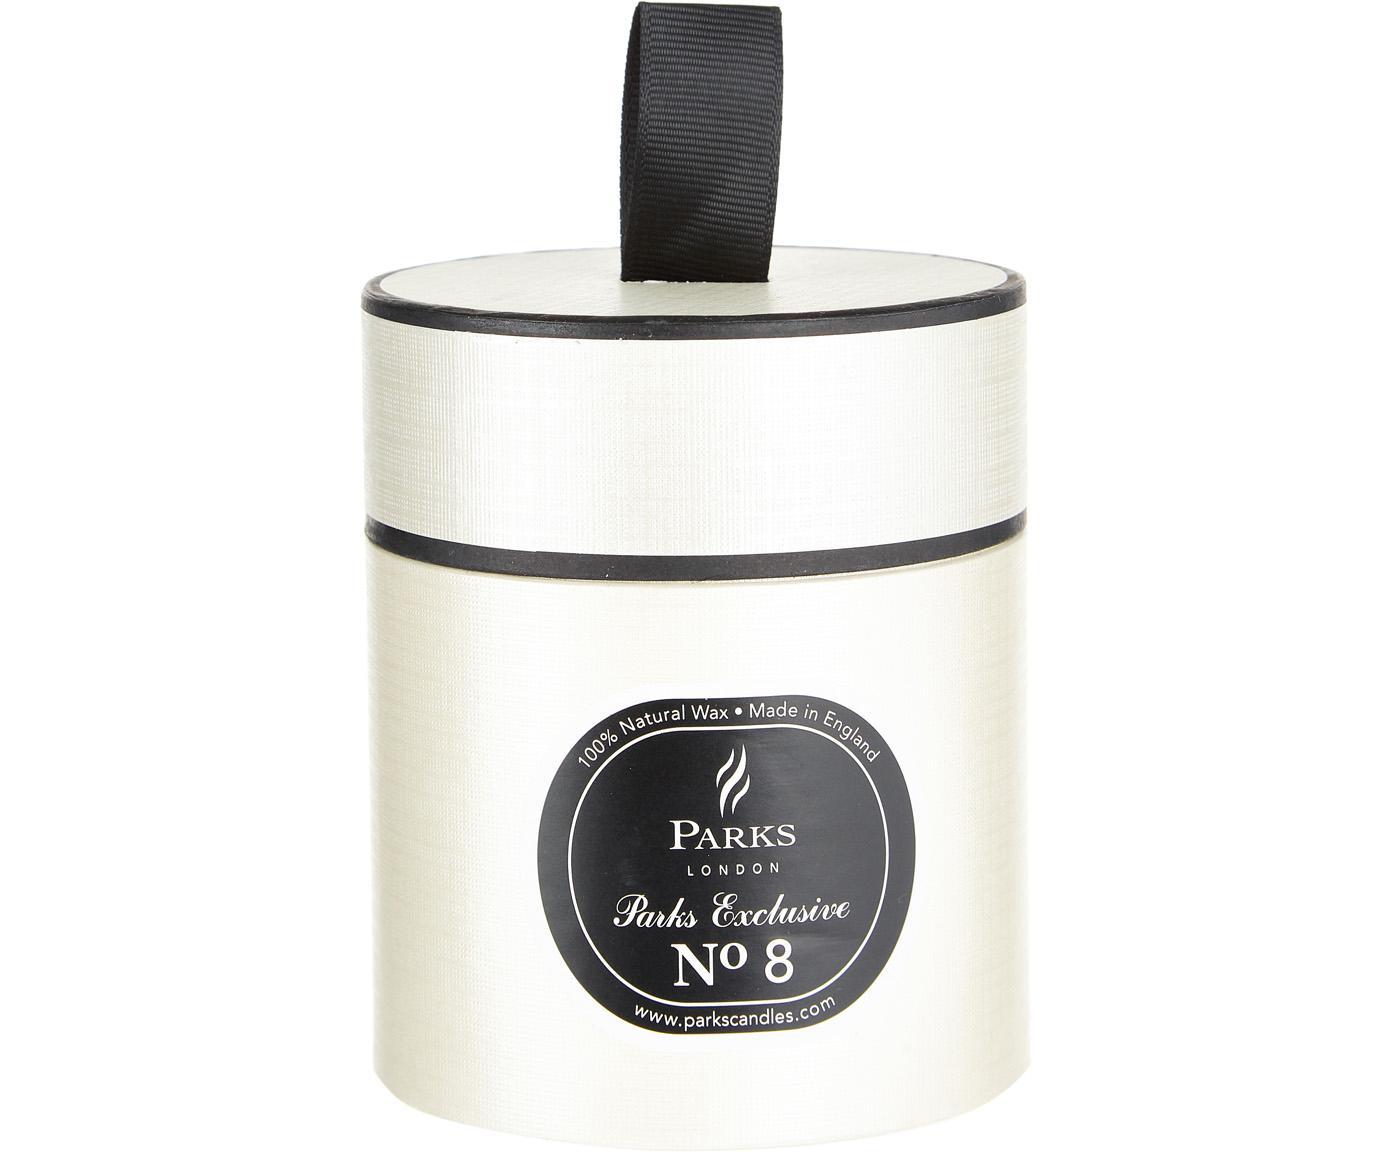 Duftkerze Exclusive No 8 (Lagerfeuer), Behälter: Milchglas, Weiß,Schwarz, Ø 8 x H 9 cm